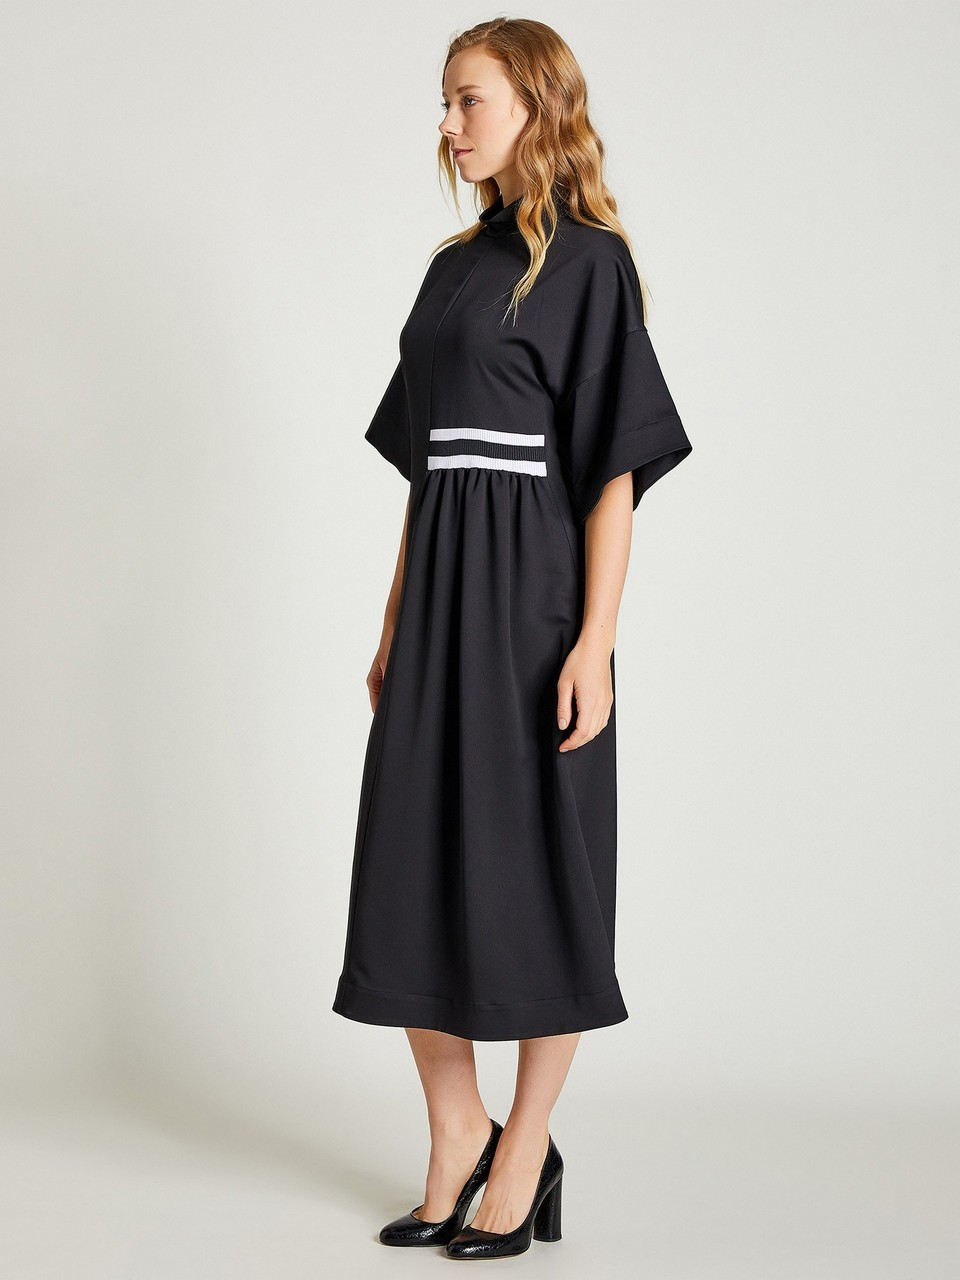 Turtleneck Loose Fit Dress